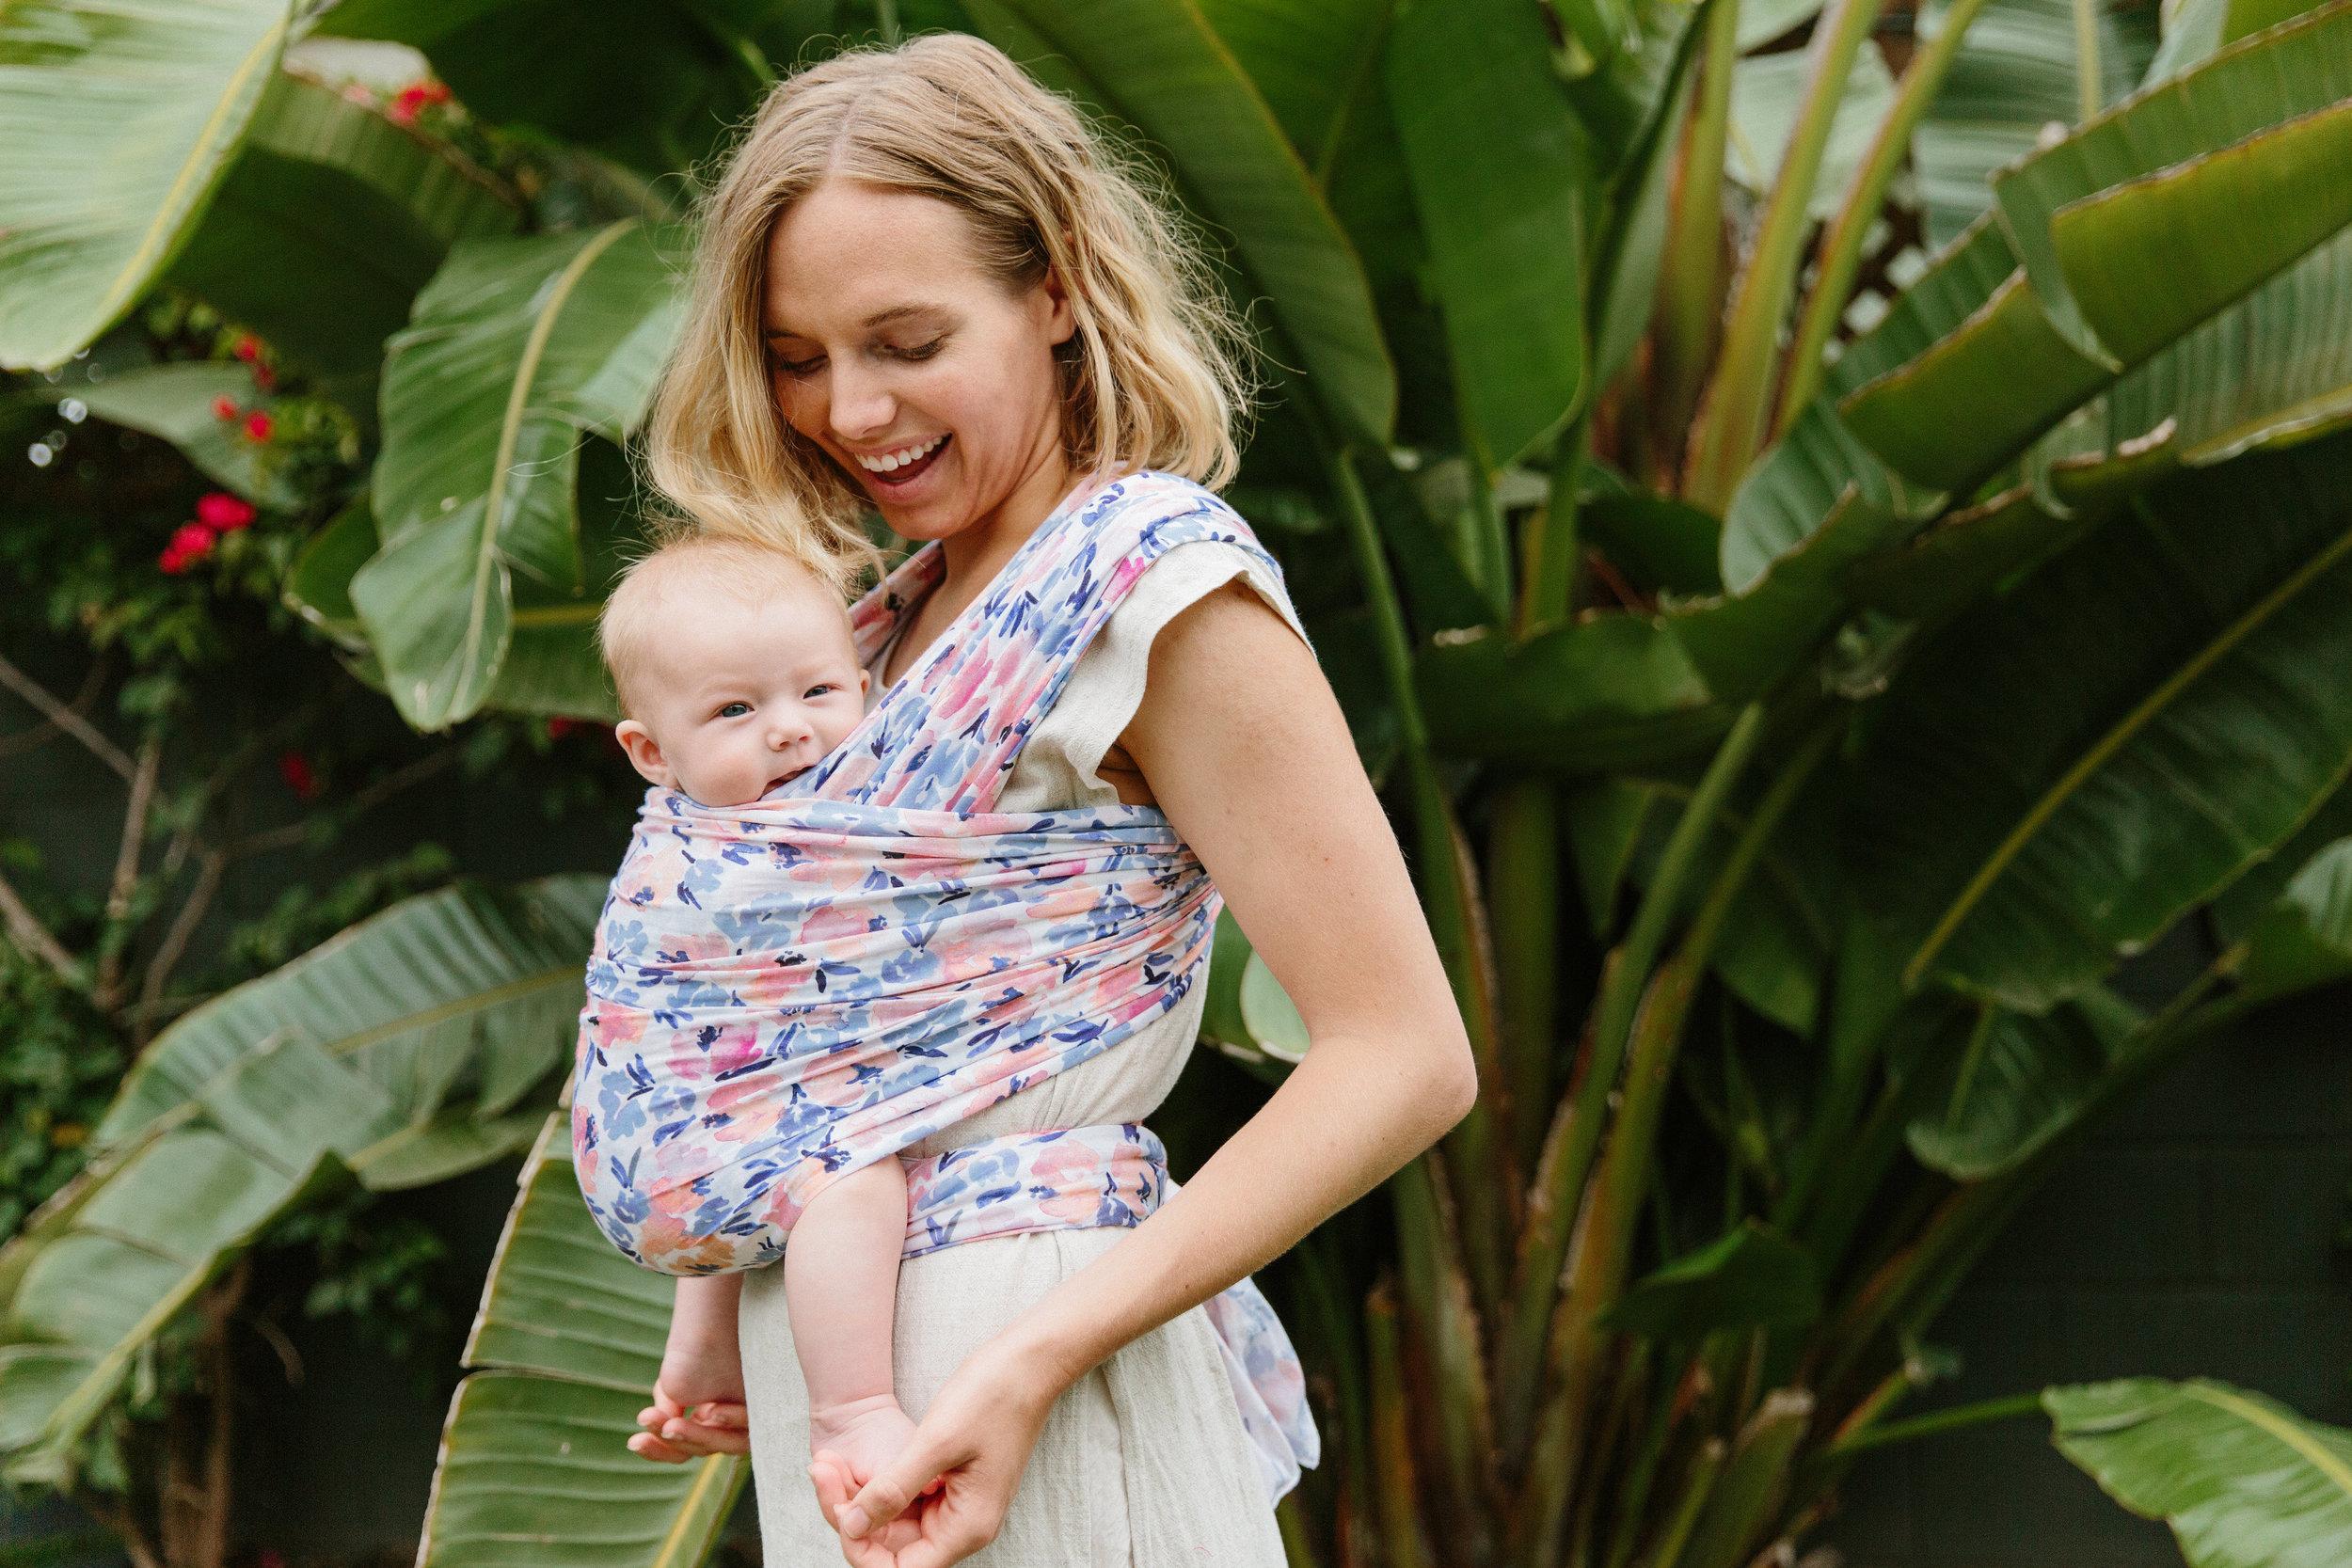 solly-baby_caitlin-wilson_leah-bradley_nicki-sebastian-photography-124.jpg